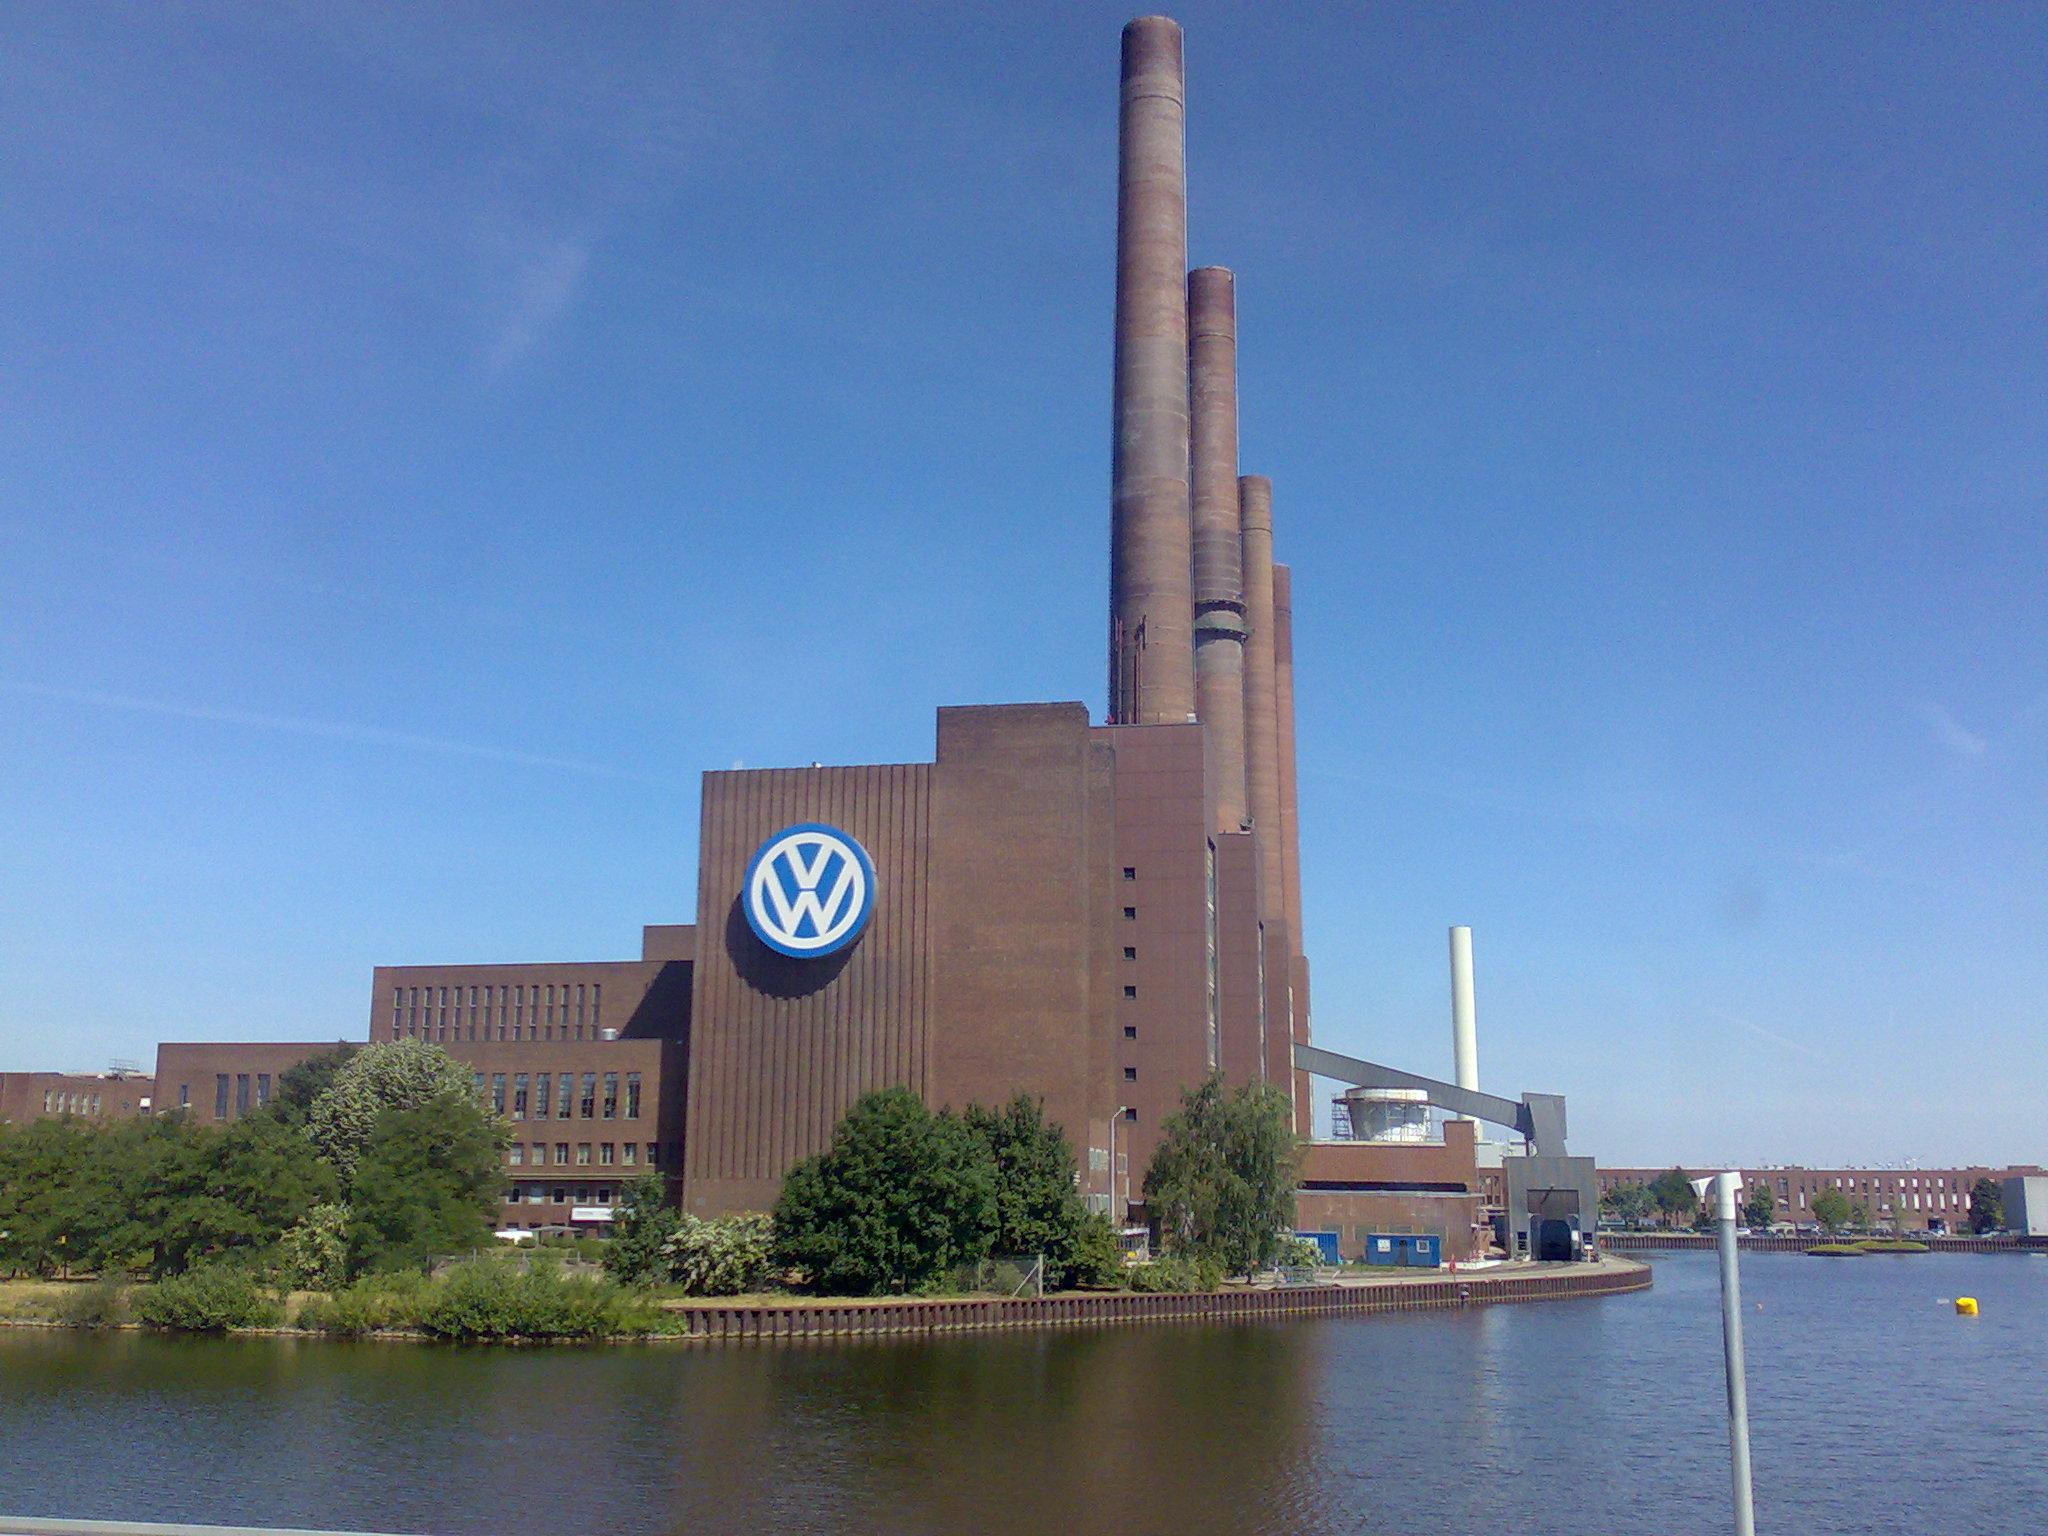 Lobbying et Etat stratège : Volkswagen, ce coupable qui en cache un autre (2015)